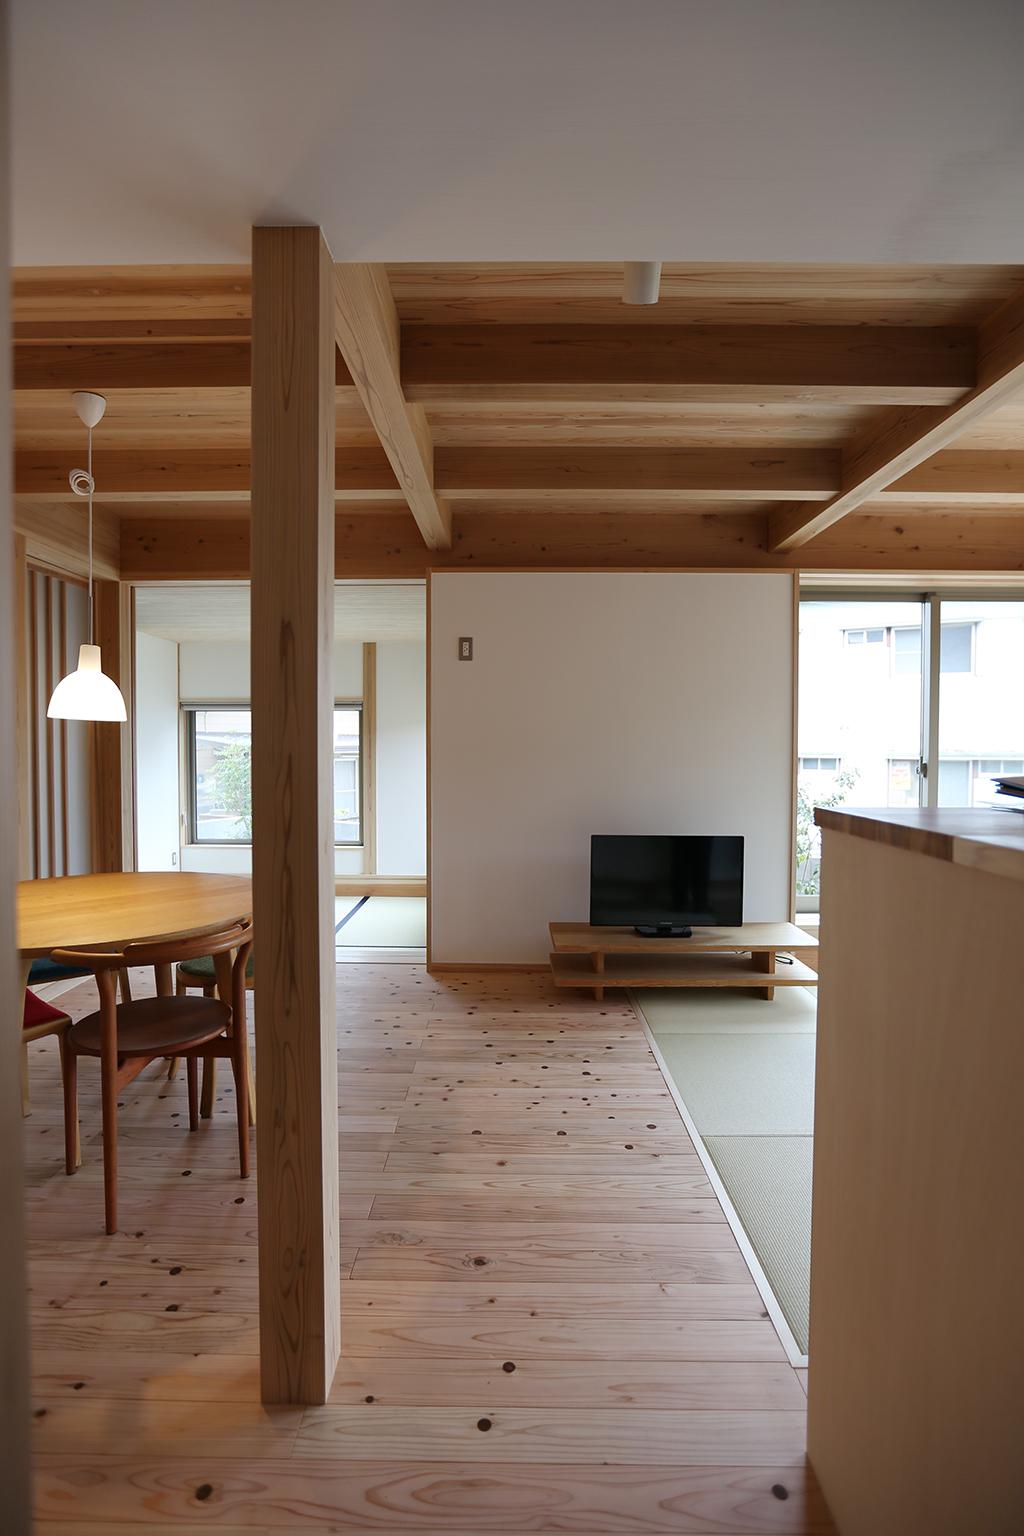 神崎郡の木の家 将来の予備室を備えたリビングダイニングキッチン